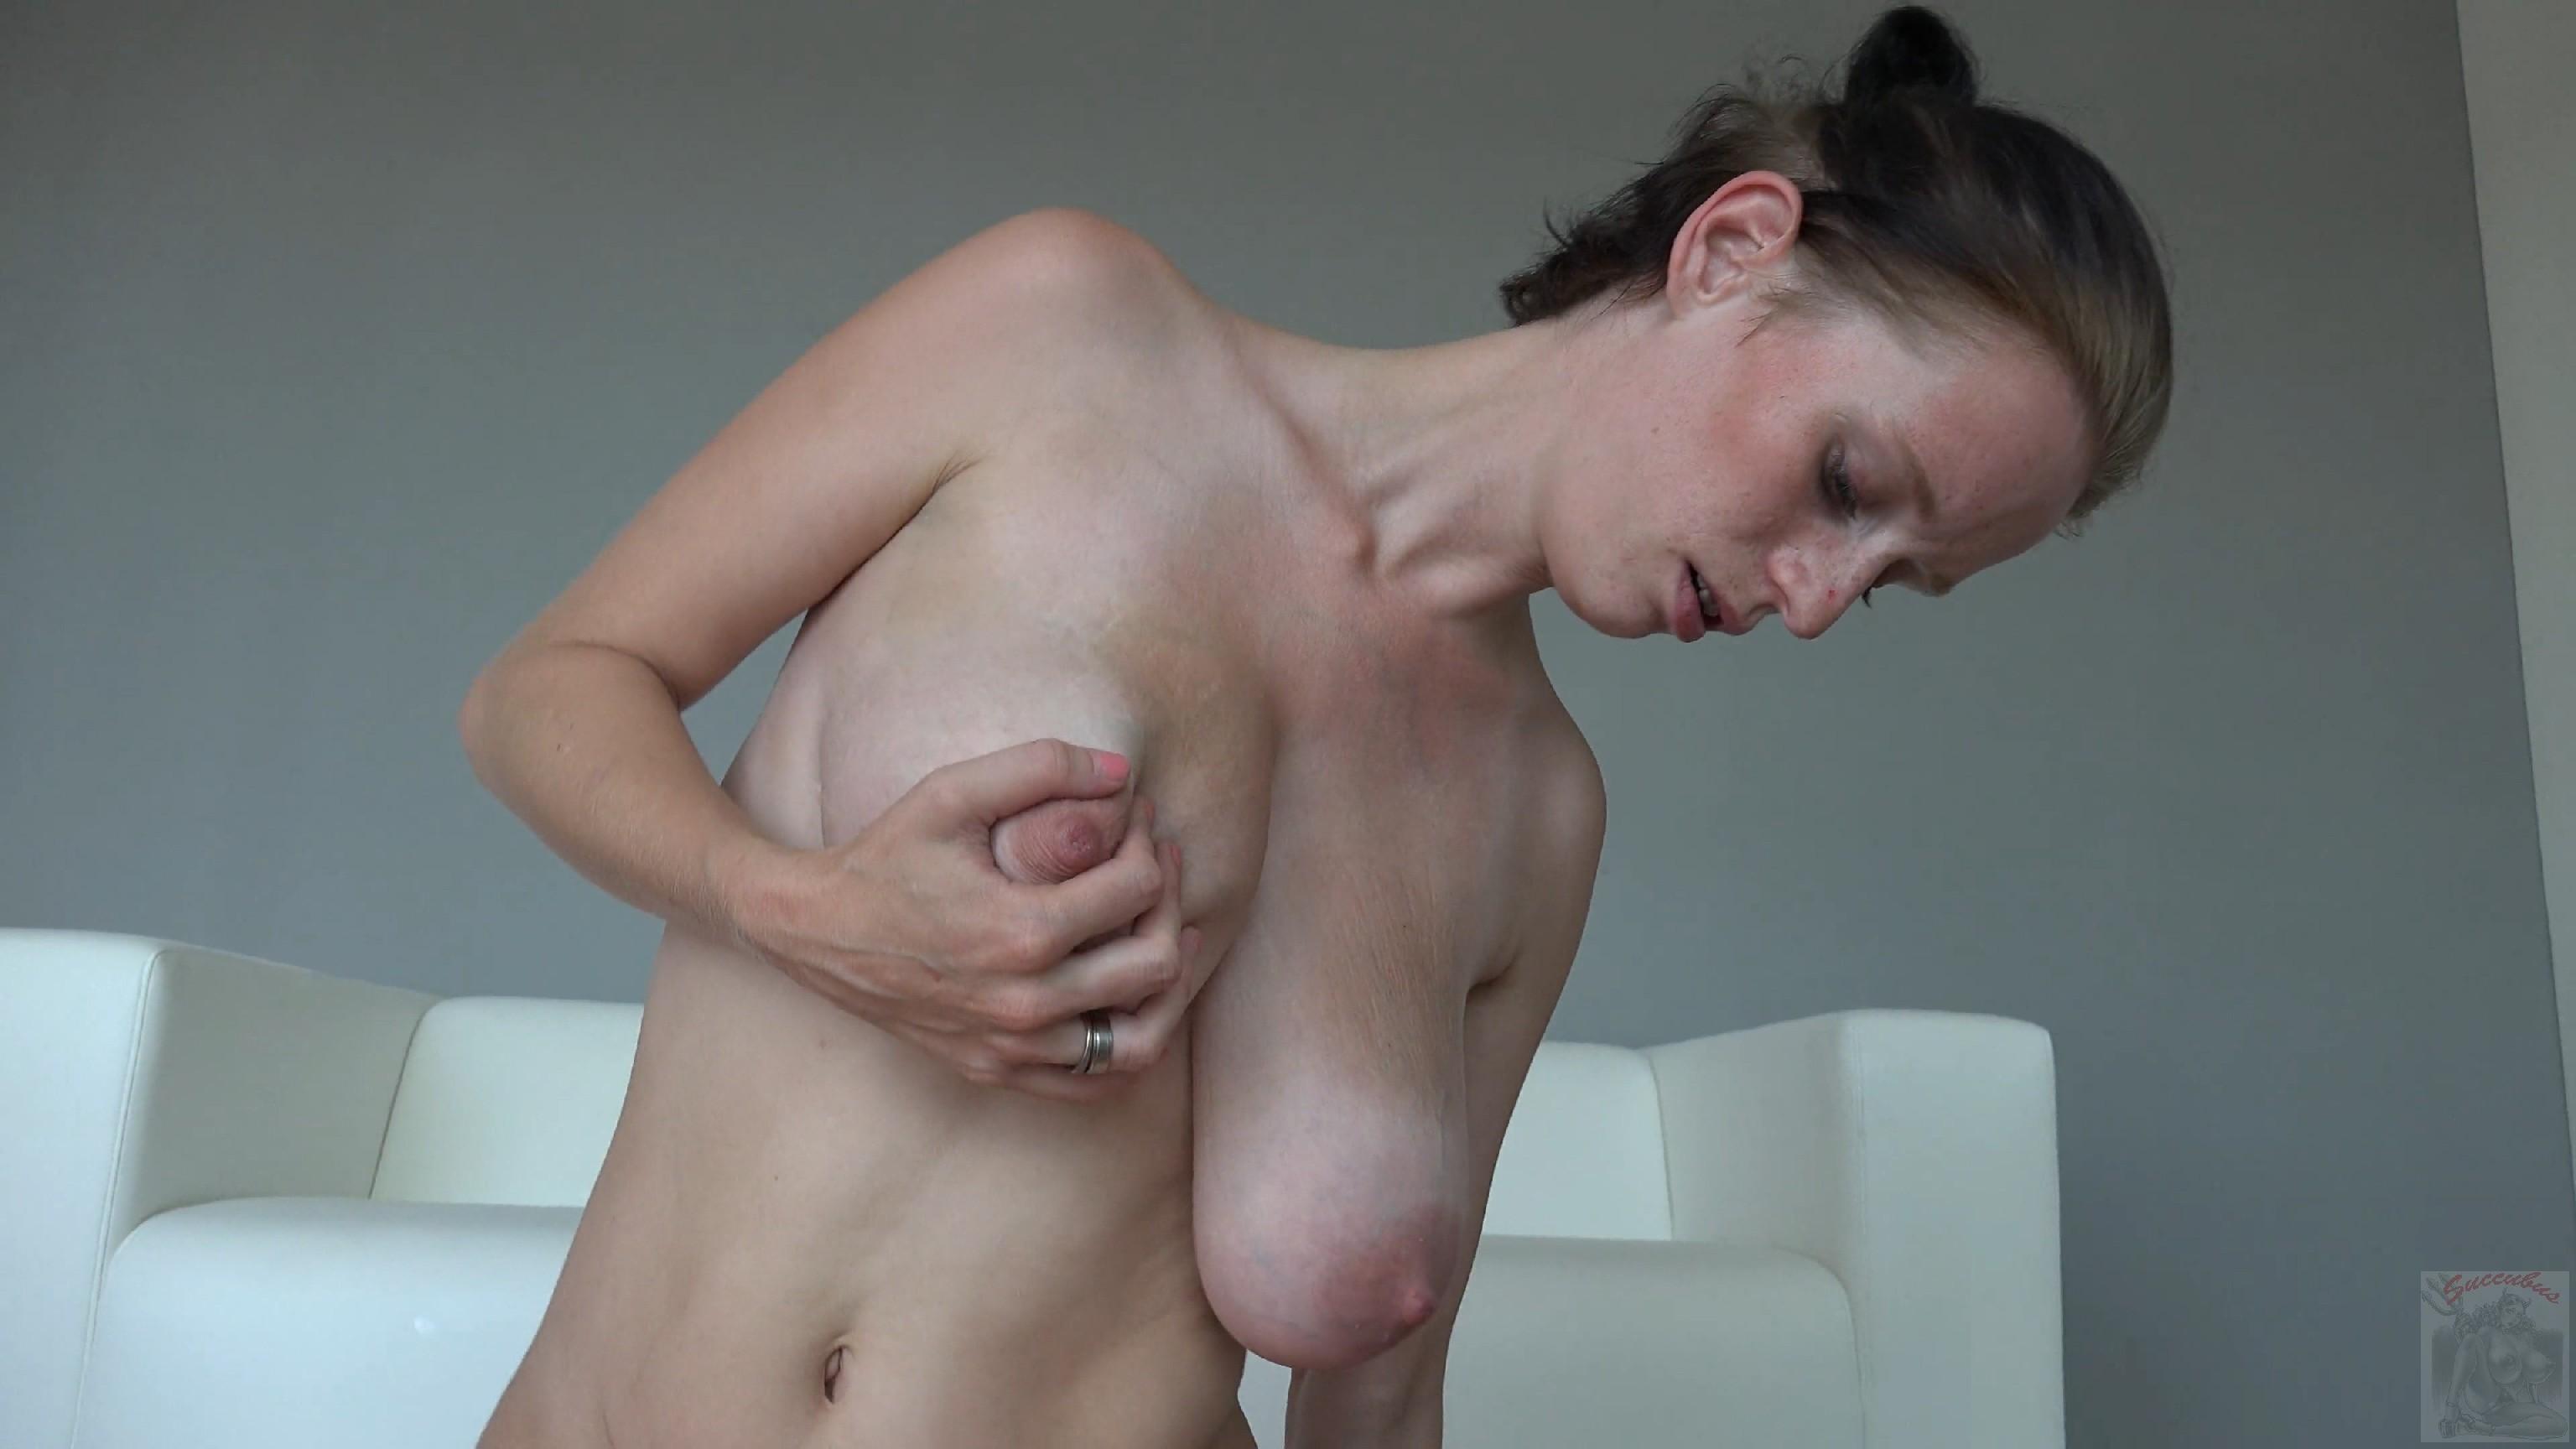 секс видео висячие сиськи можем похвастаться девушками